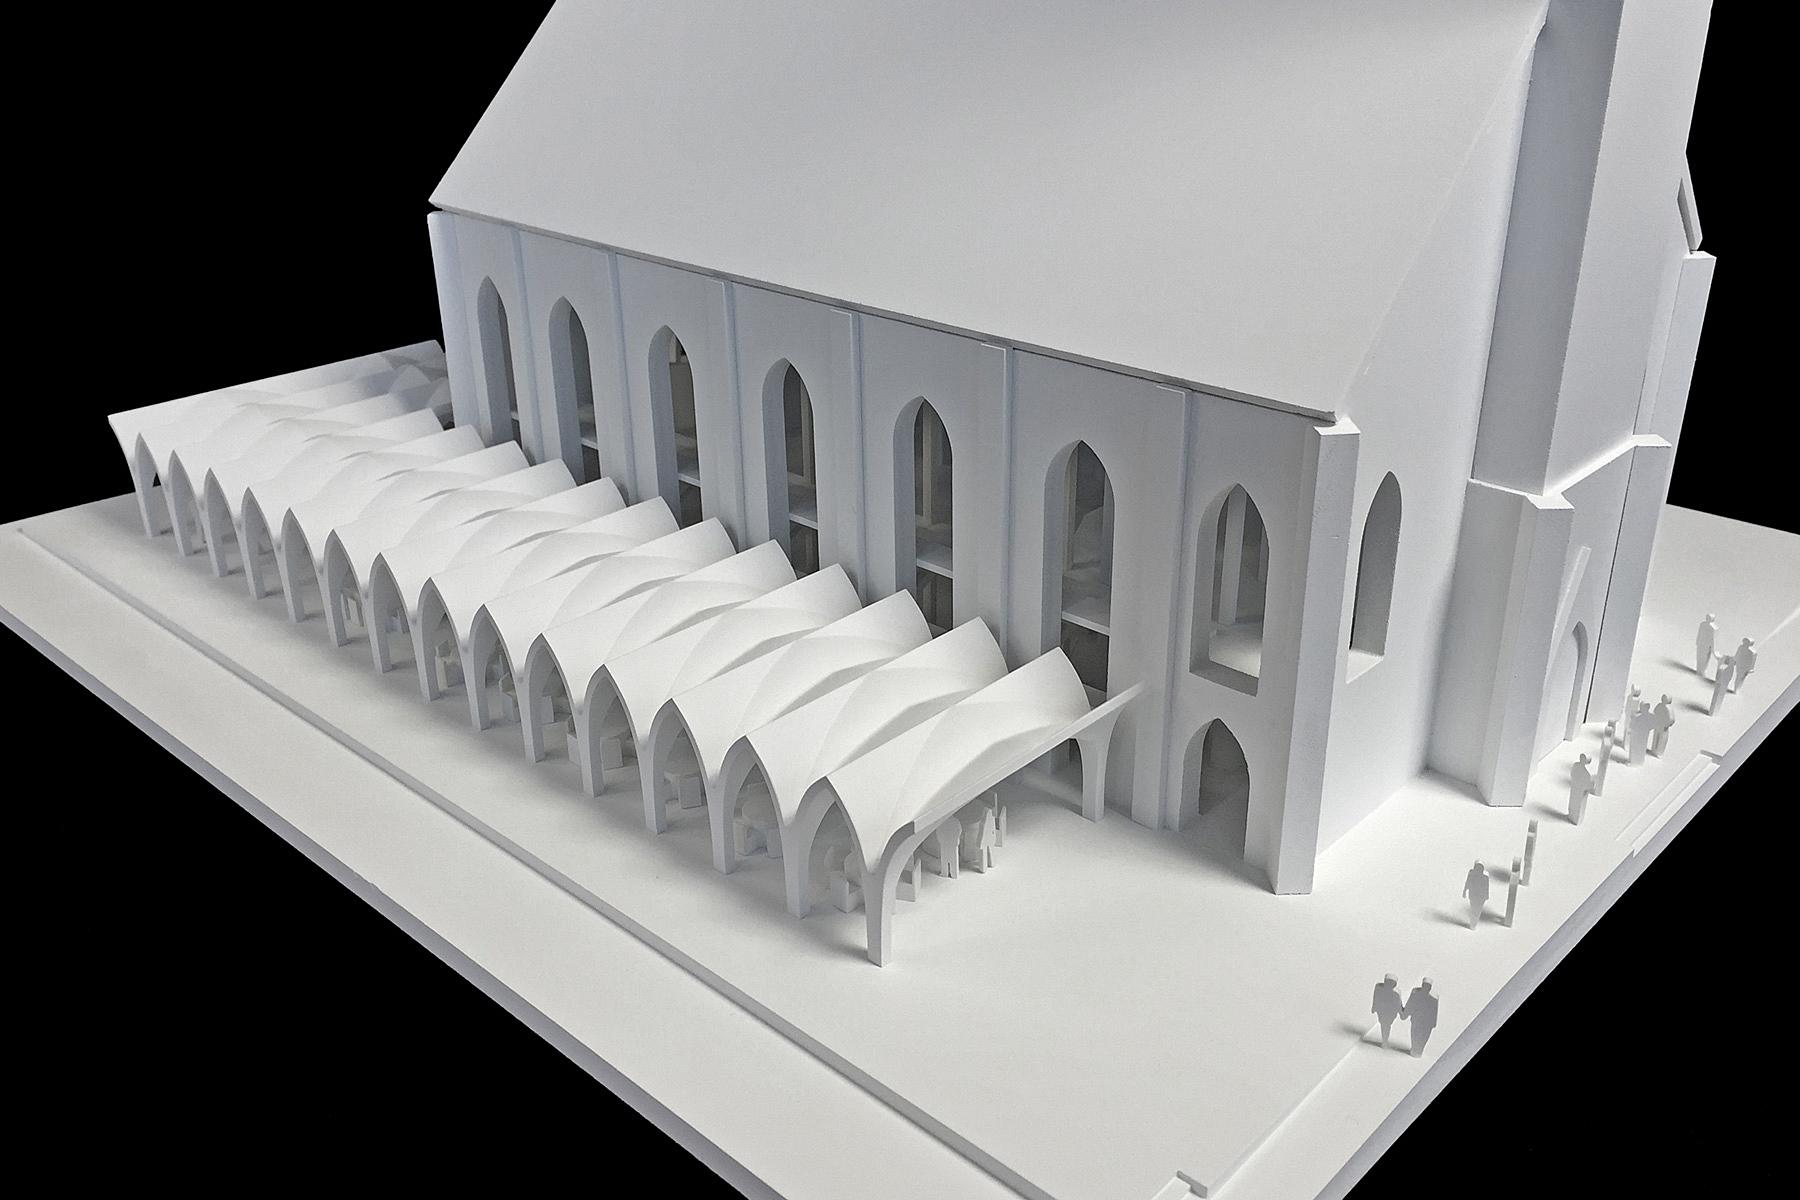 architekturmodell erweiterung der christuskirche in. Black Bedroom Furniture Sets. Home Design Ideas